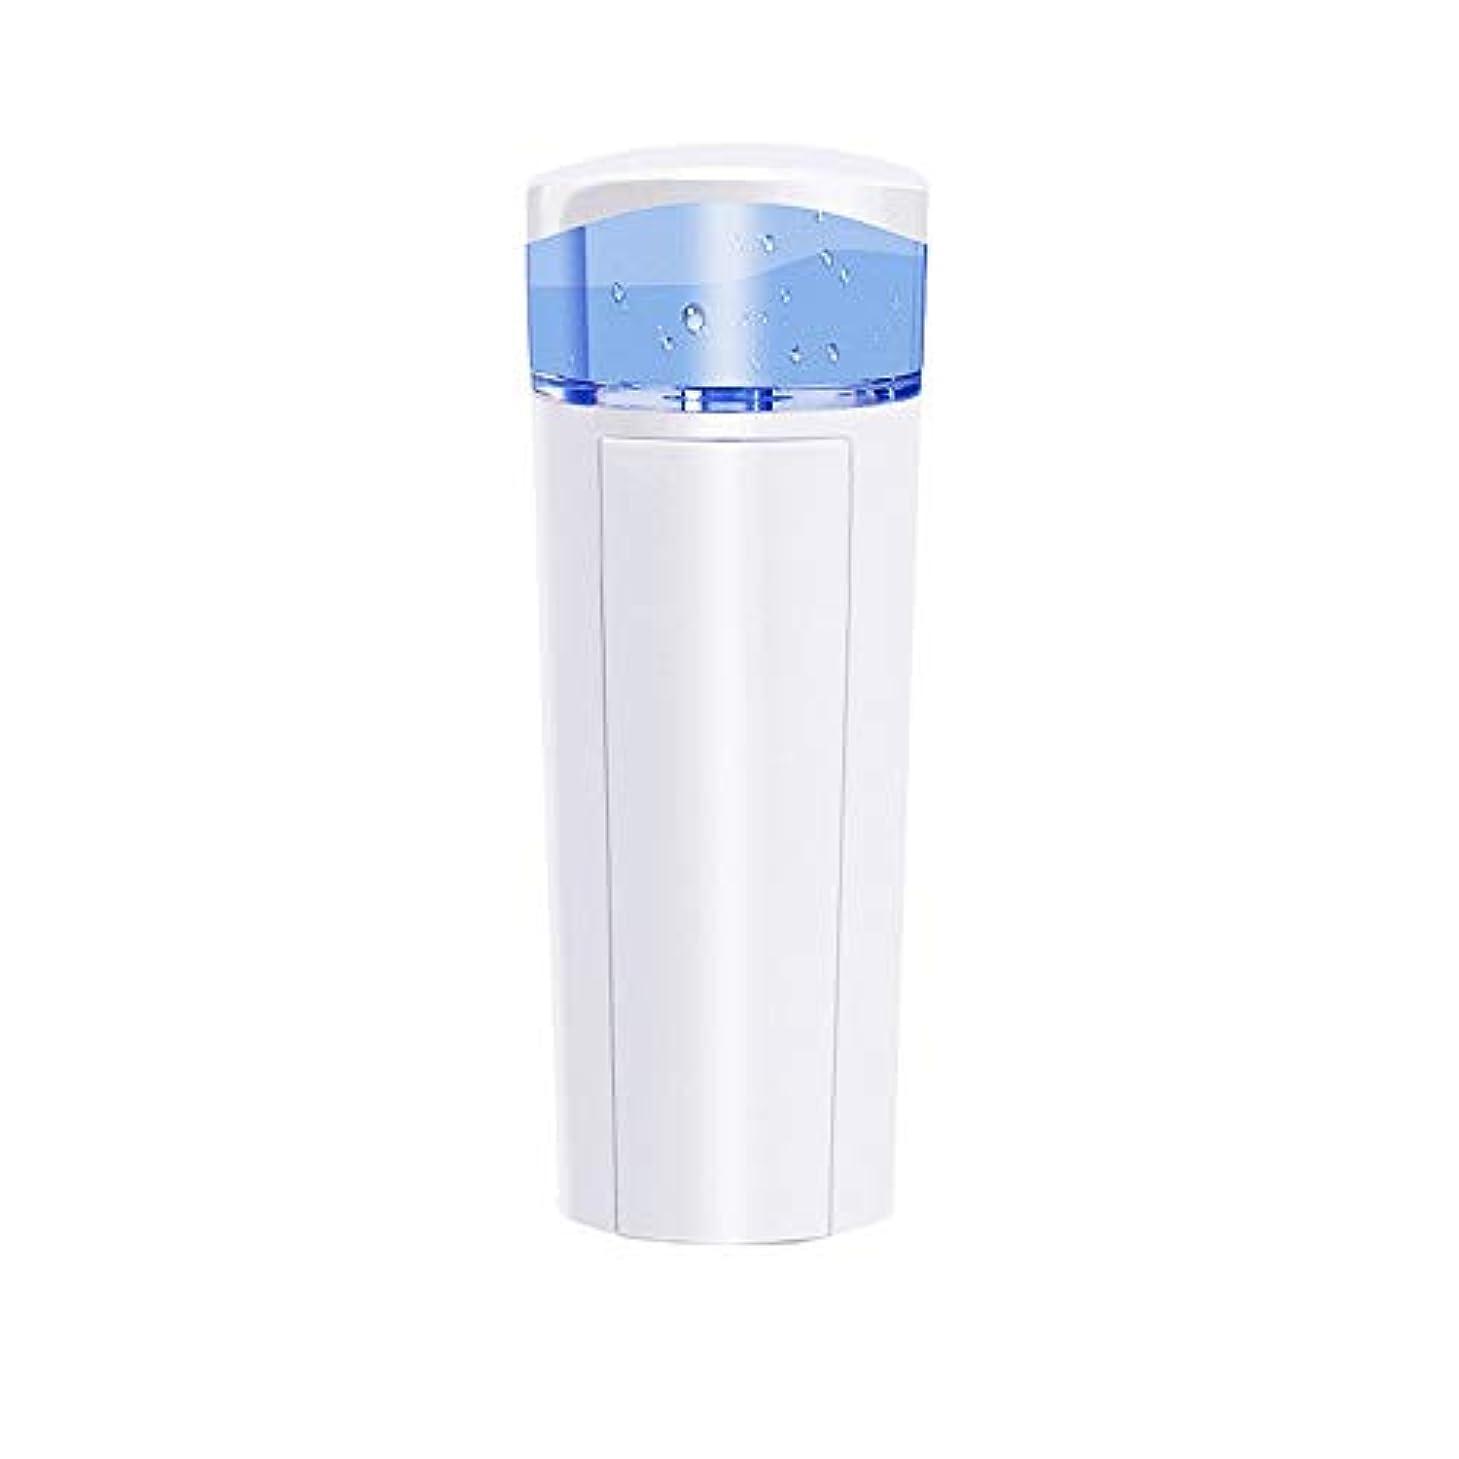 エチケットメトリック体細胞ZXF 充電宝物機能付き新しいナノ水道メータースプレー美容機器ABS素材ホワイト 滑らかである